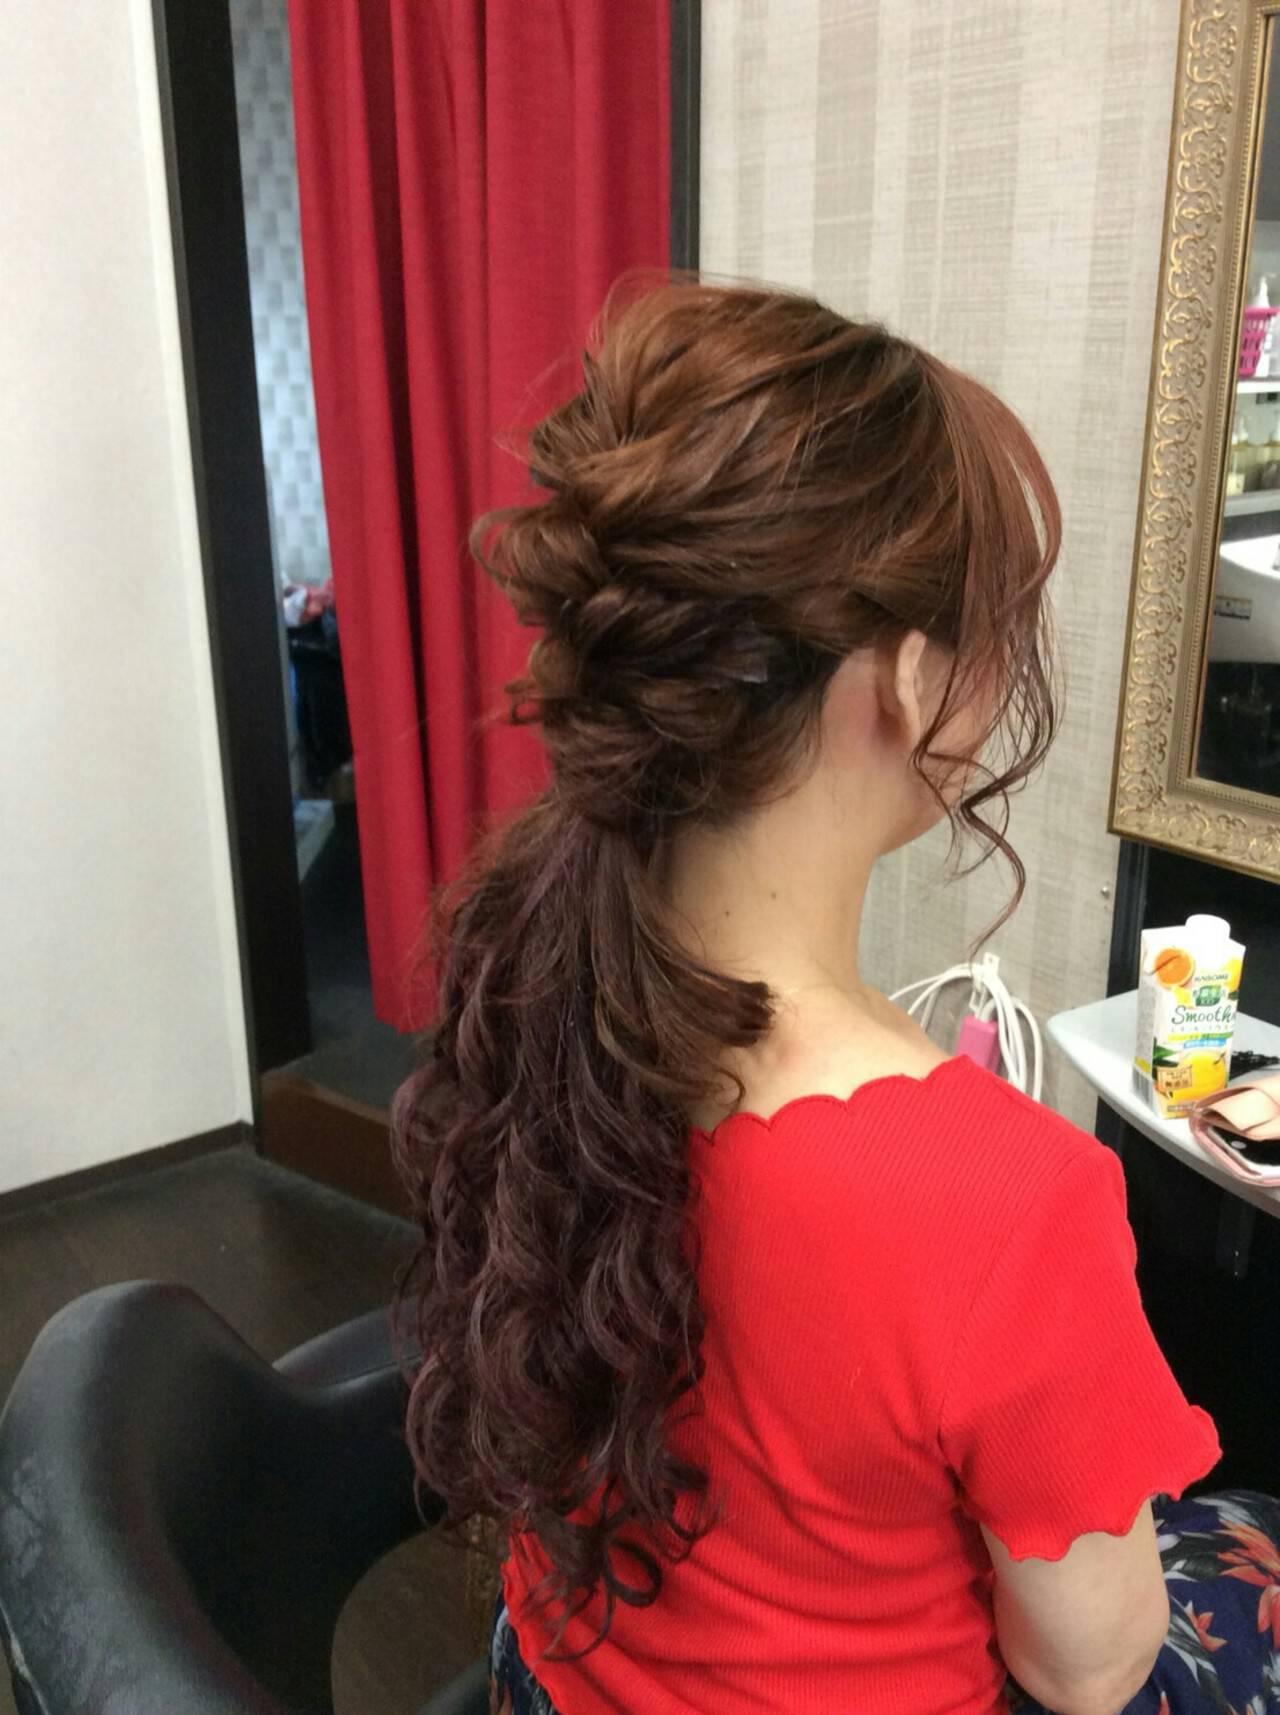 ナチュラル ヘアアレンジ ロング ポンパドールヘアスタイルや髪型の写真・画像